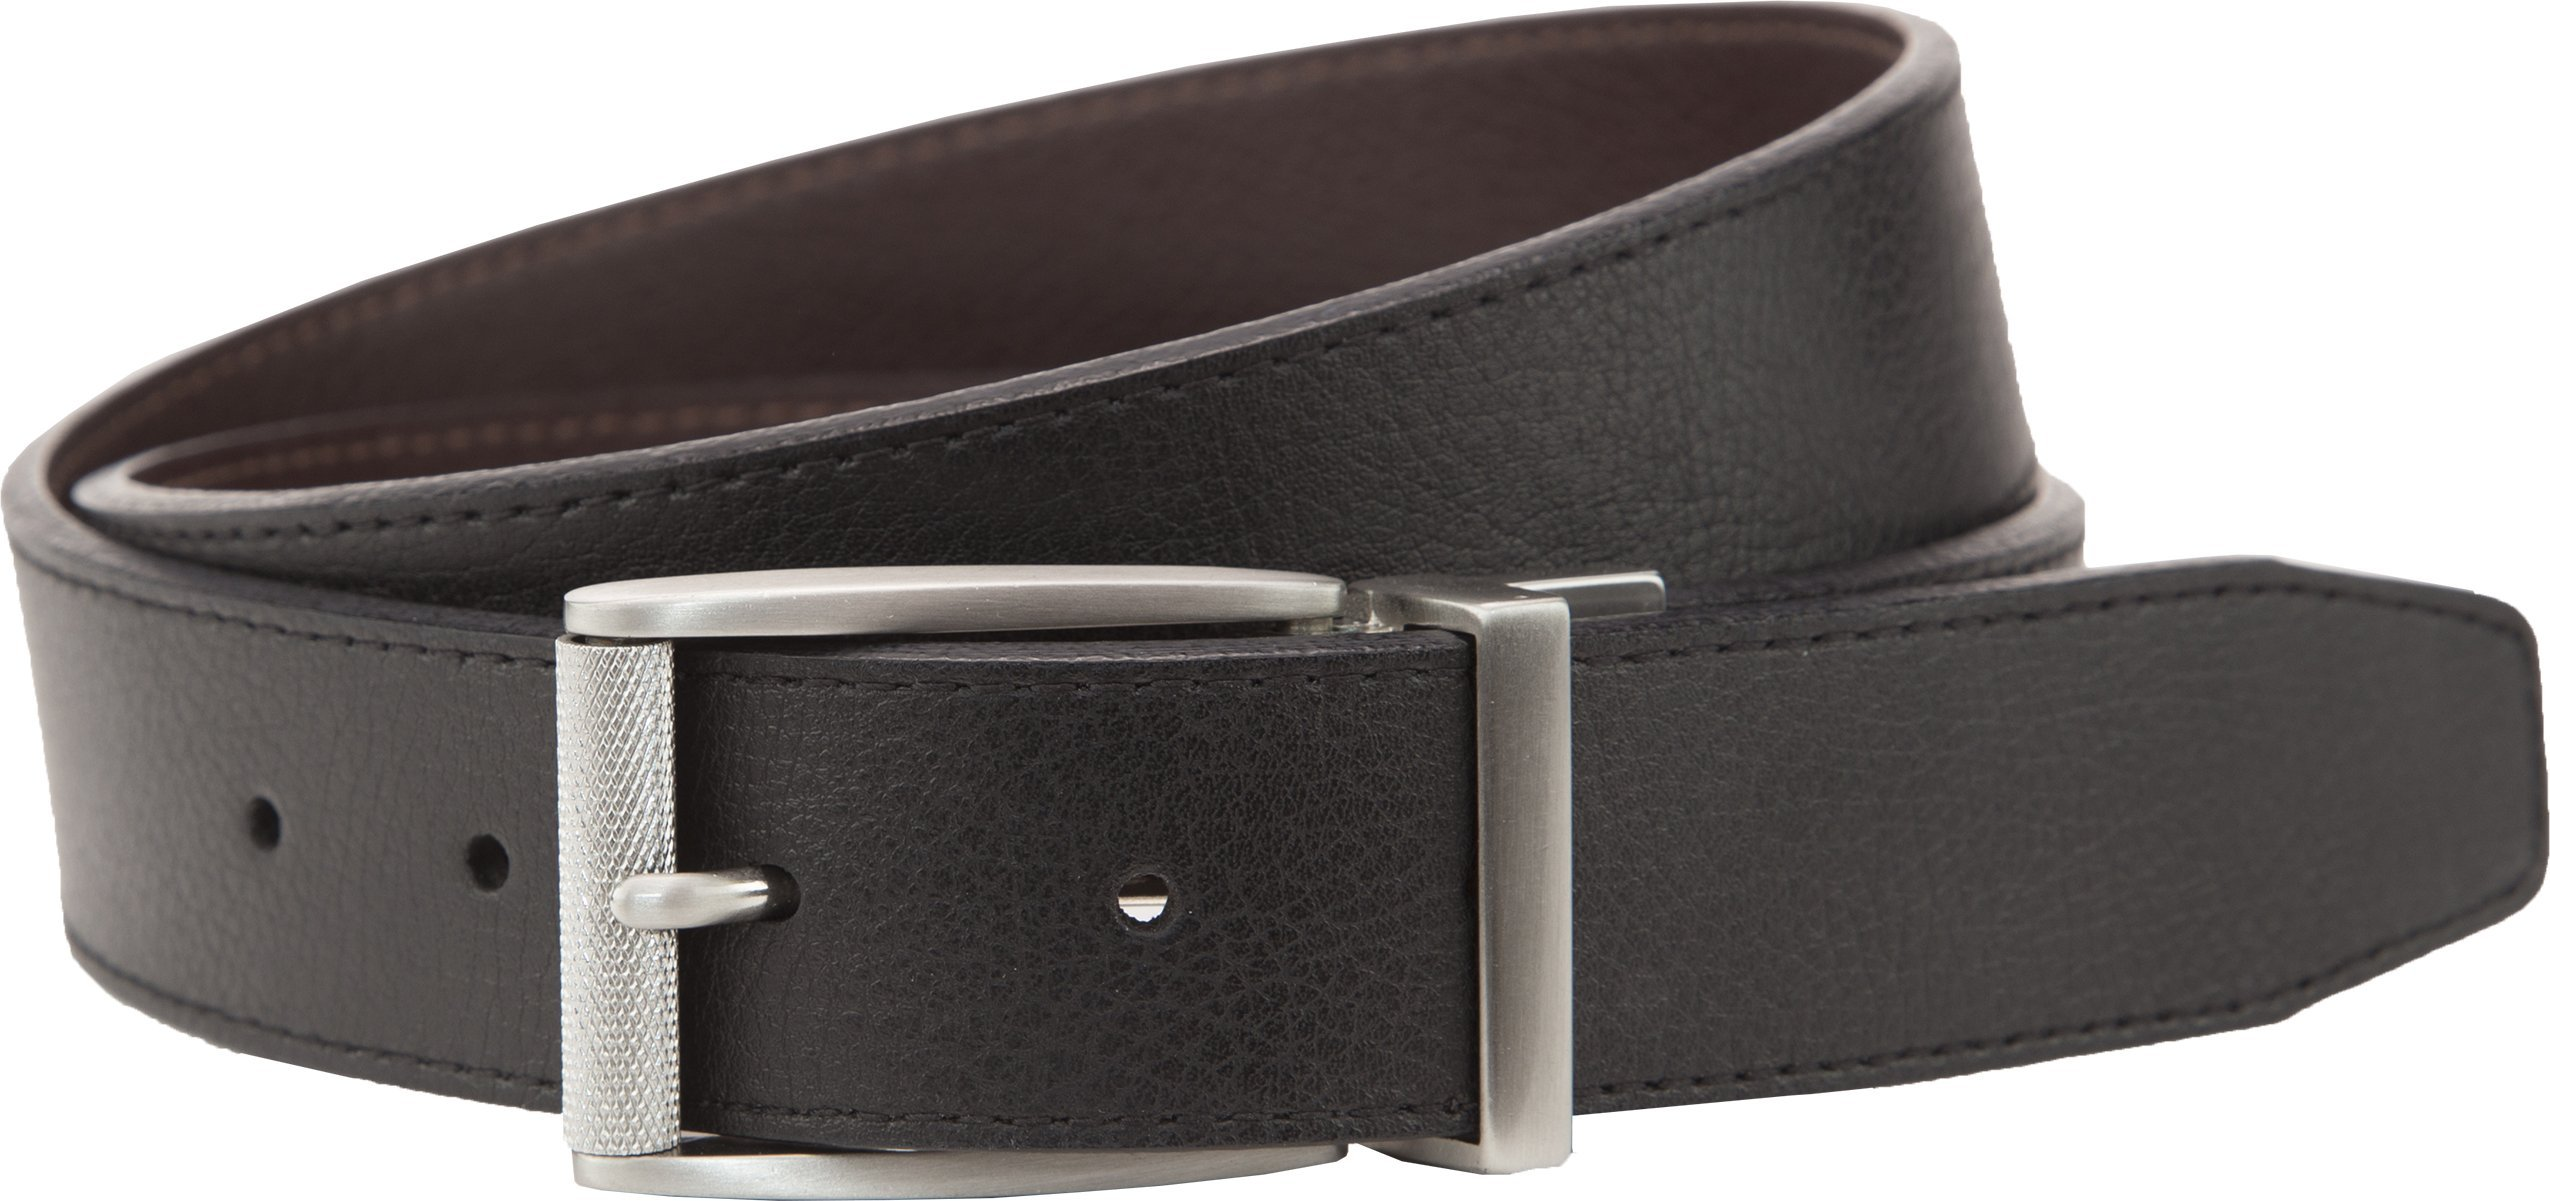 NIKE Golf Classic Reversible Belt (Brown/Black, 42)